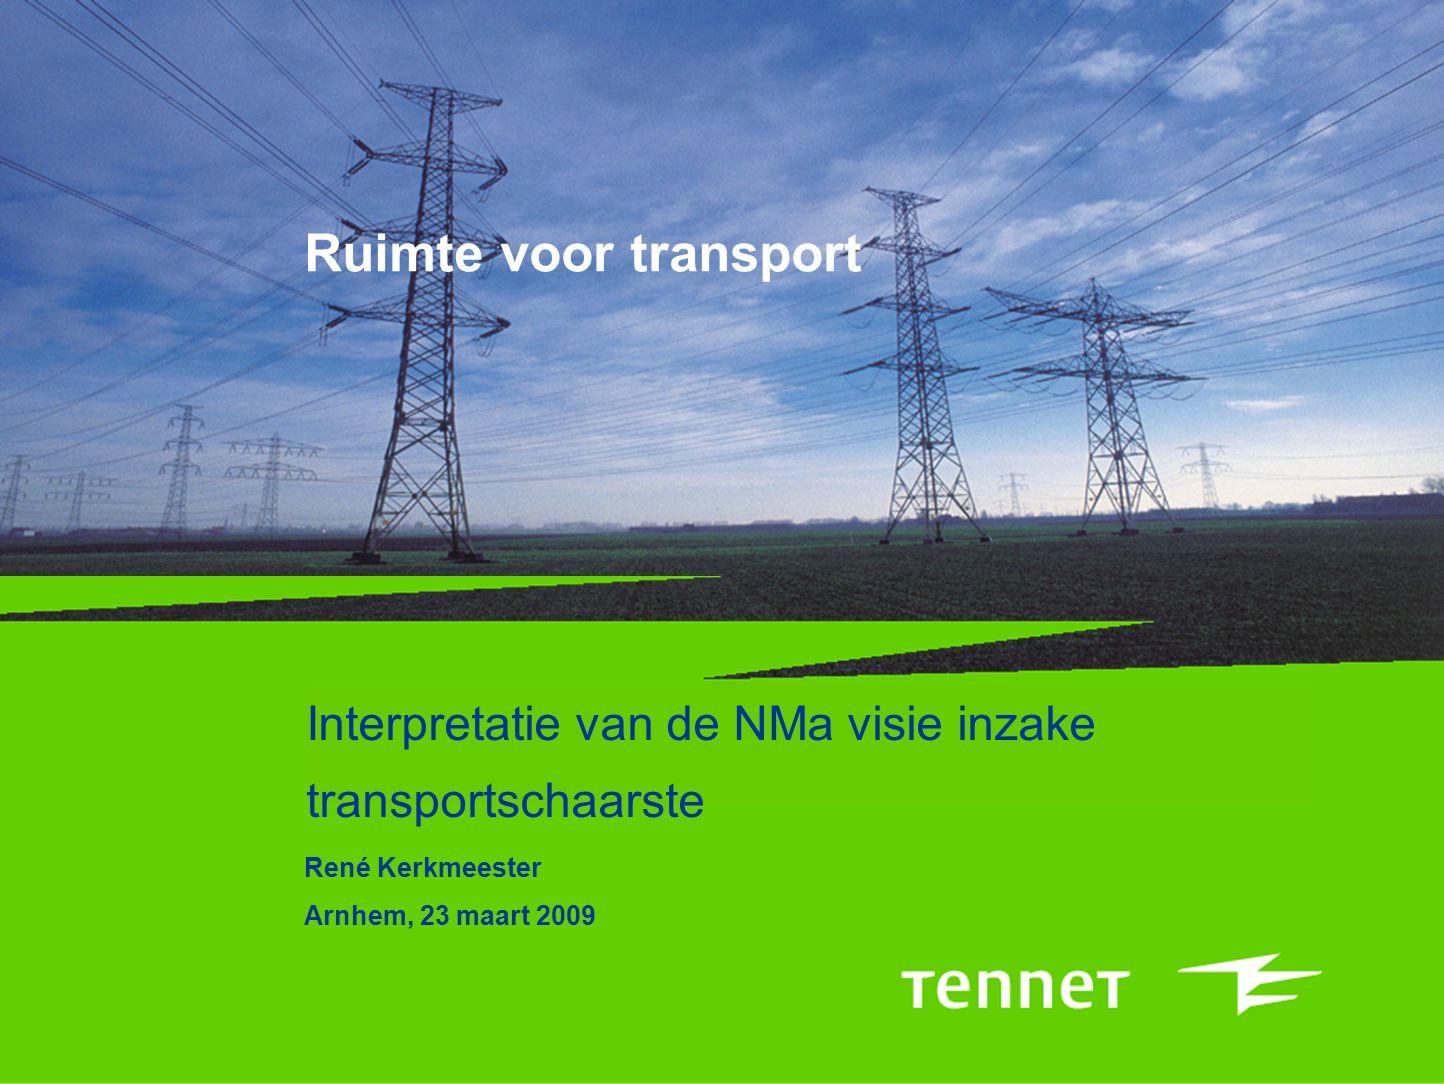 Interpretatie van de NMa visie inzake transportschaarste